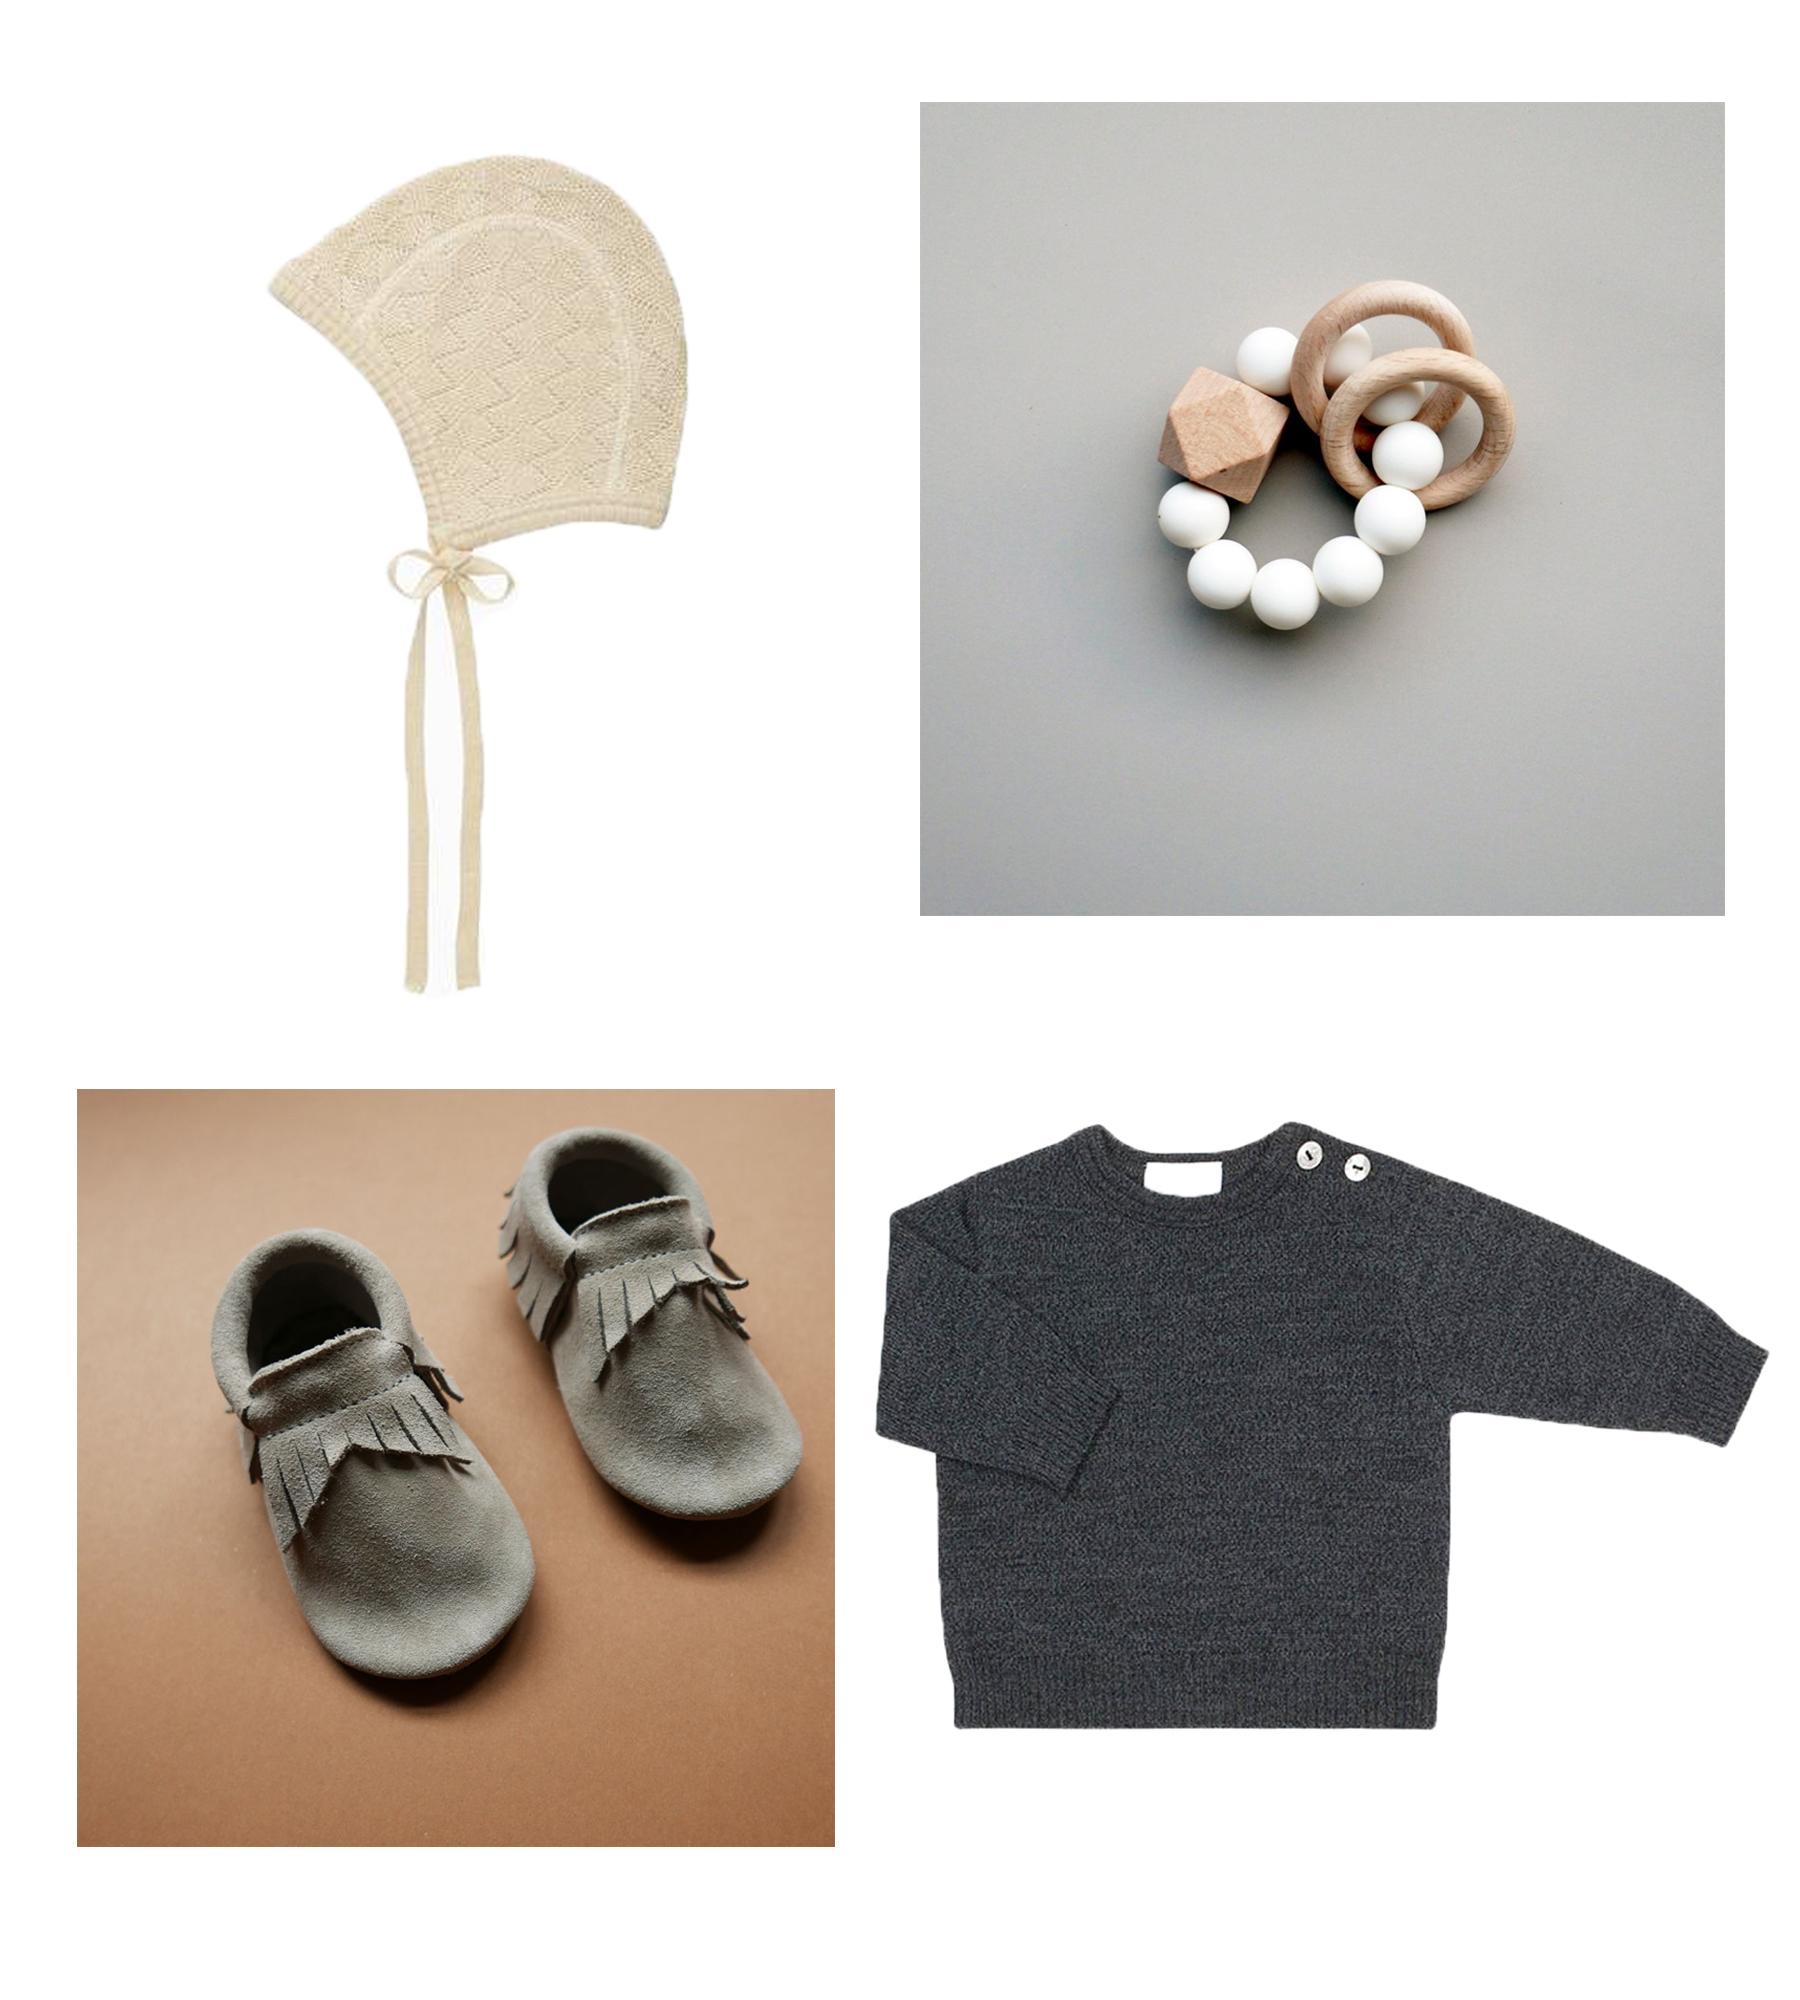 Bonnet// SELANA  Teething ring// TITAN TEETHERS  Moccs// BETON Sweater// SELANA